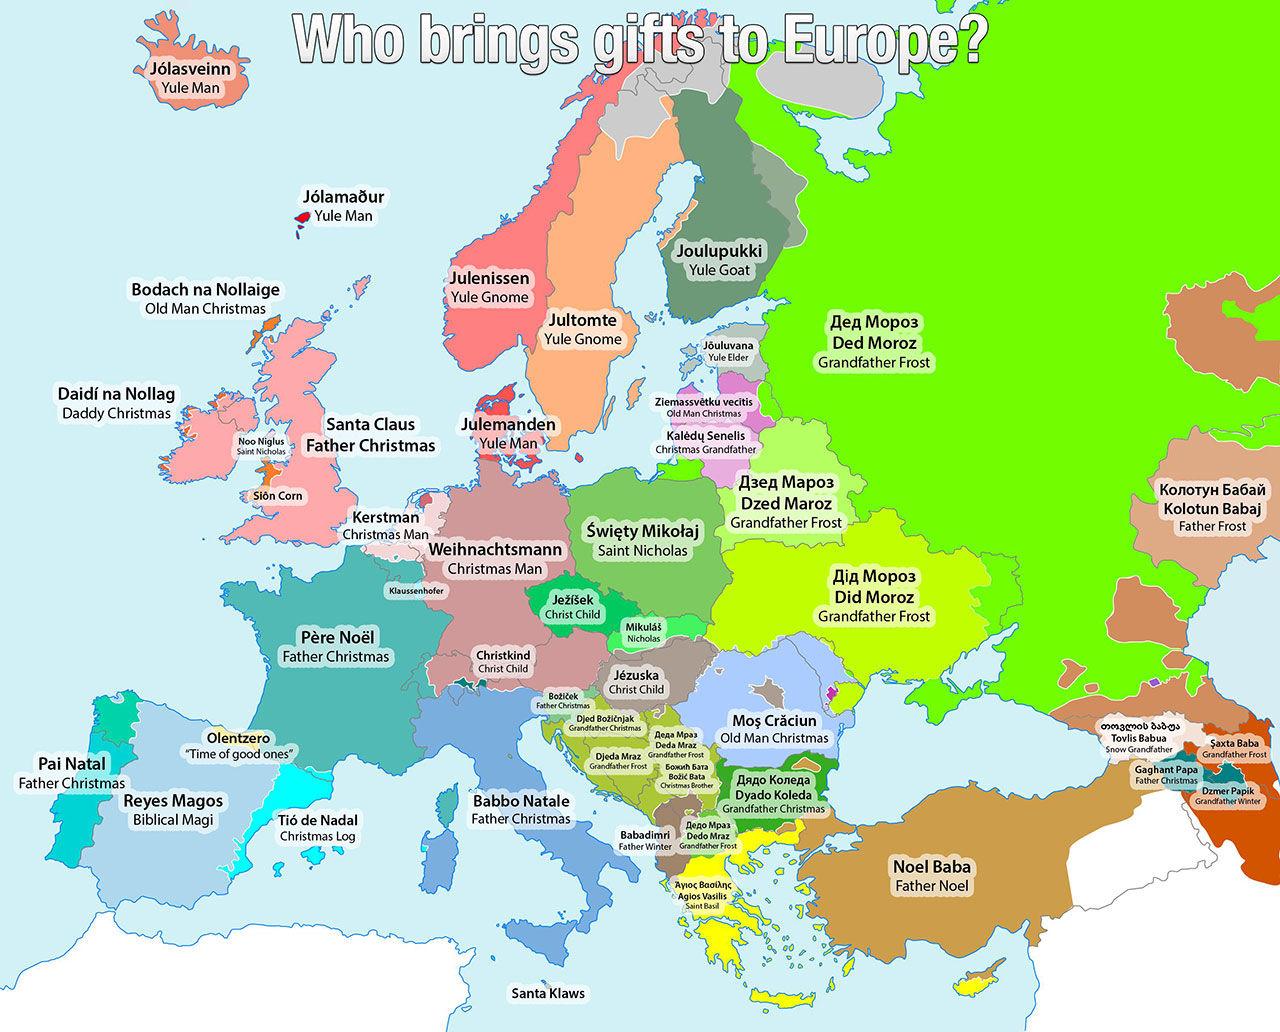 hur många länder finns det i europa